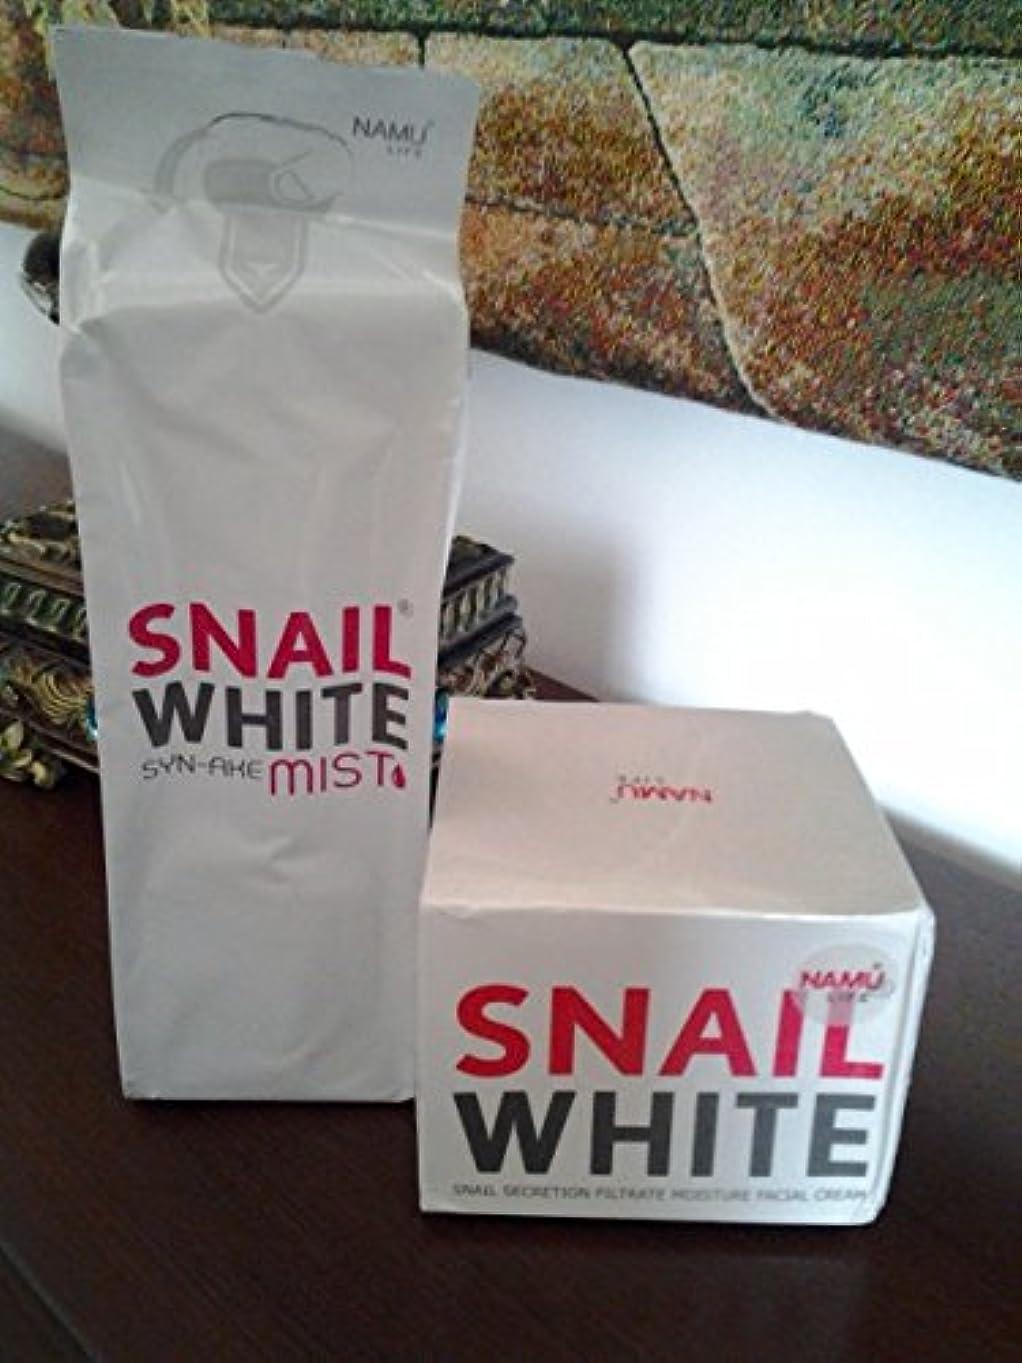 ビュッフェアーク毒液Snailホワイトクリーム+カタツムリホワイトsyn-ake Mist Snail